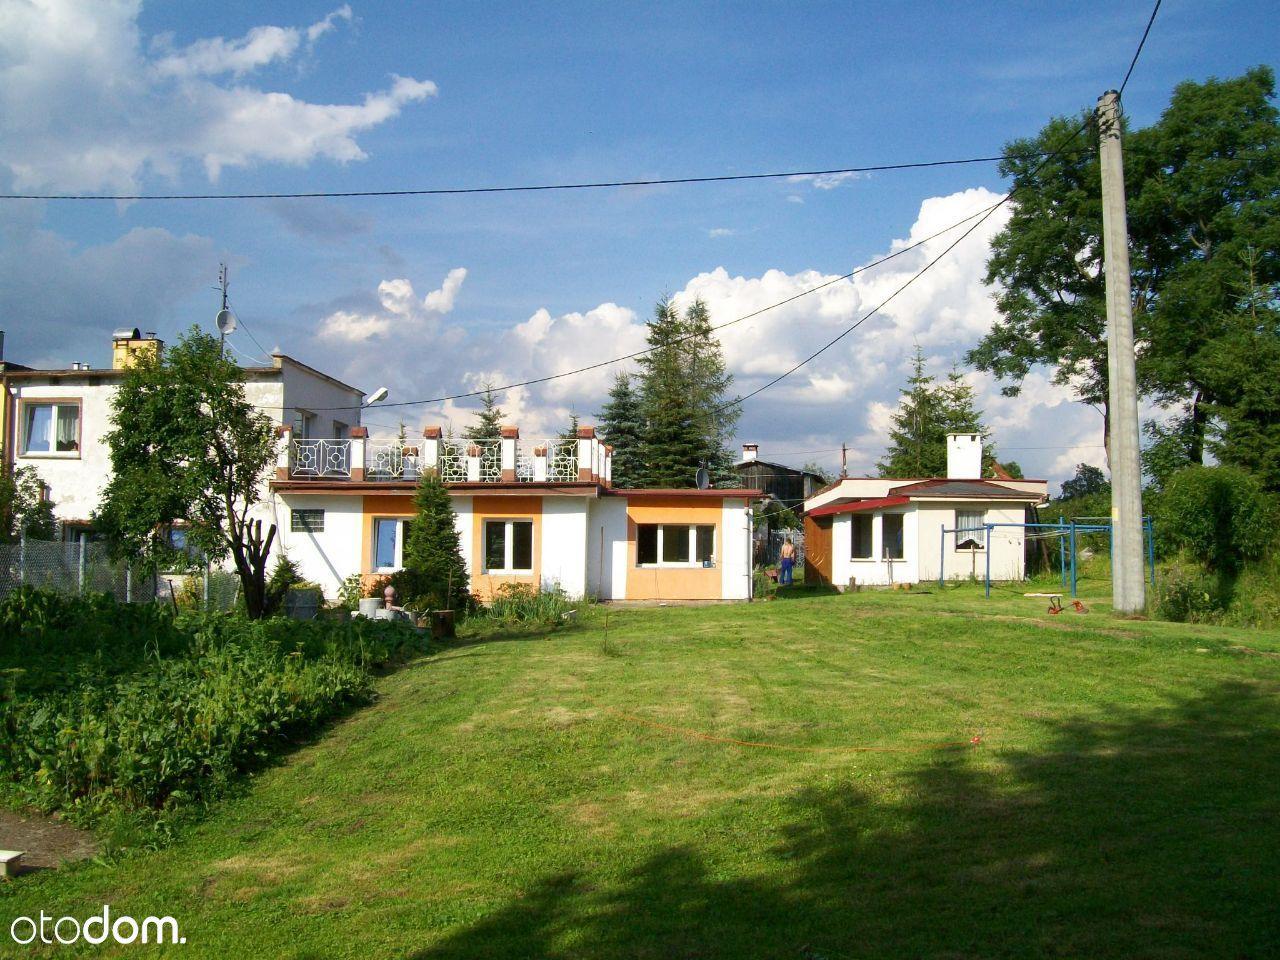 Dom na sprzedaż, Unisław Śląski, wałbrzyski, dolnośląskie - Foto 6